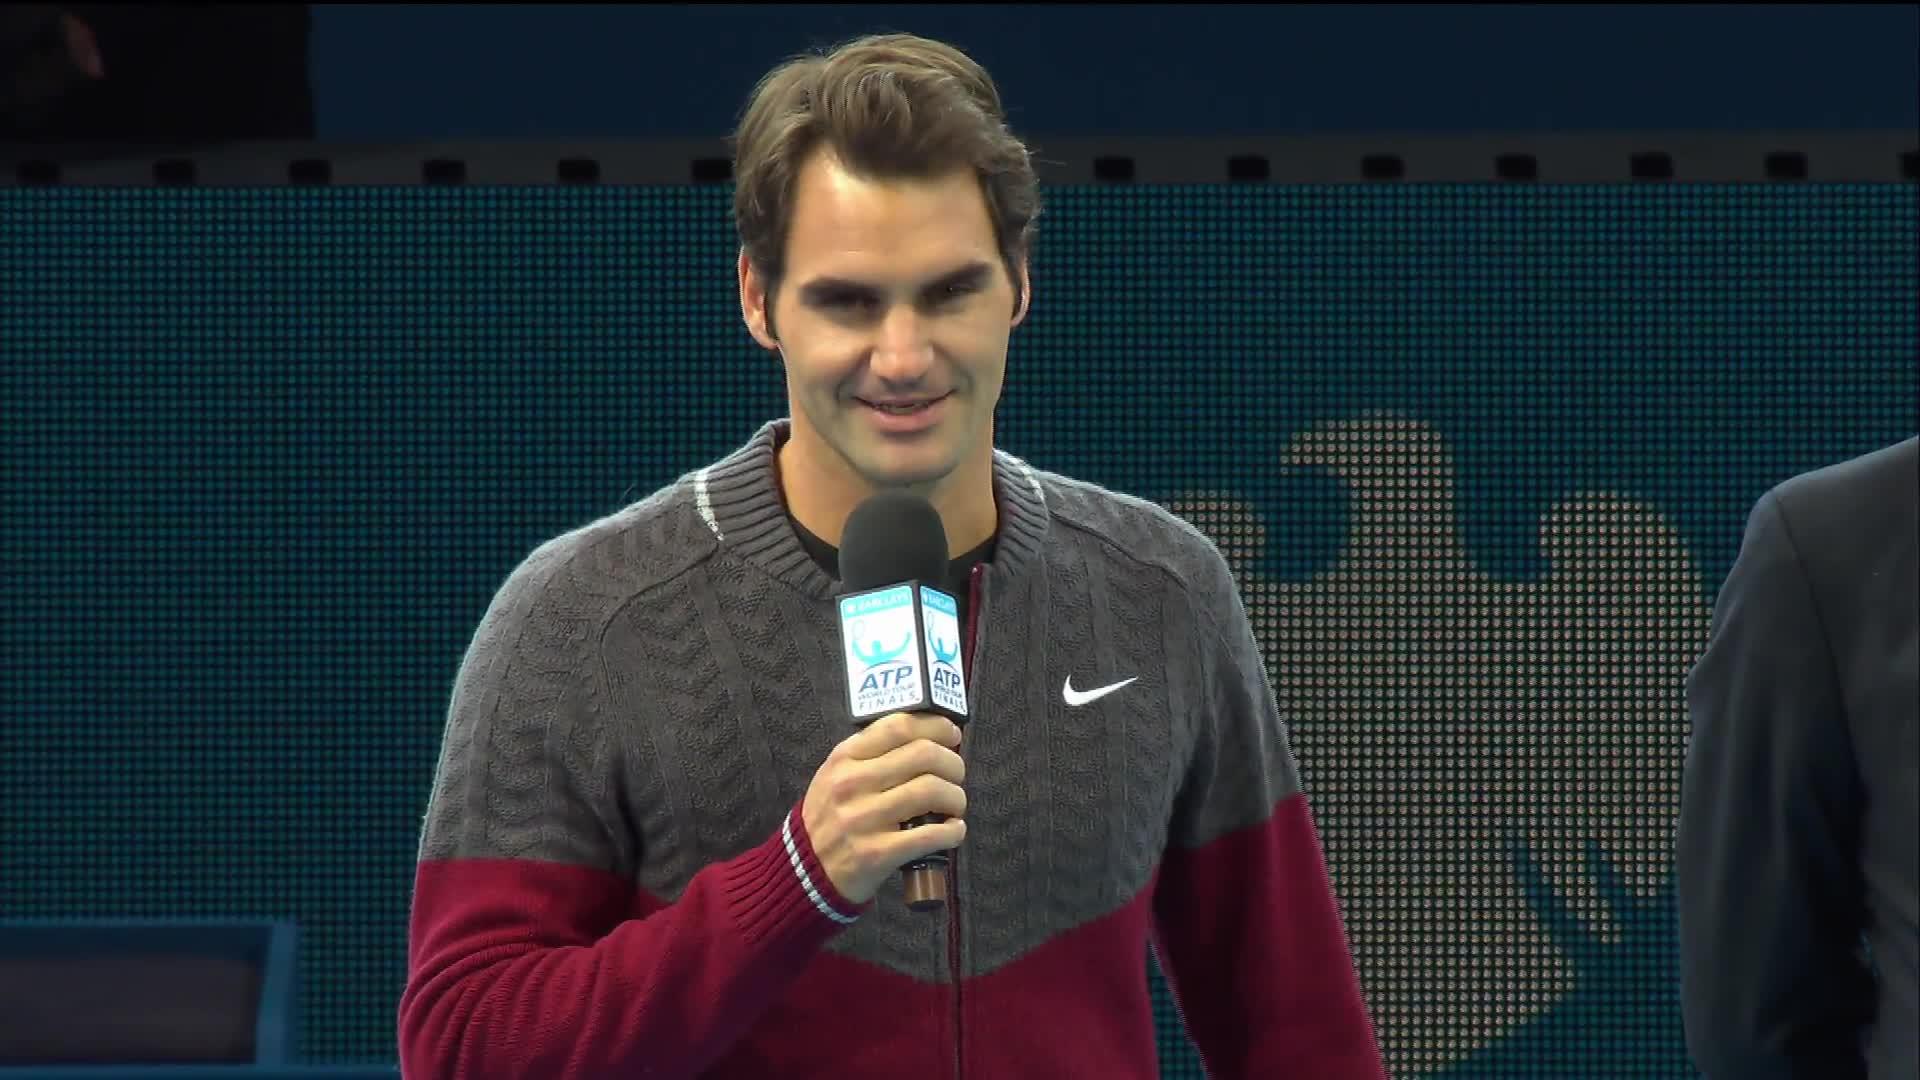 Roger Federer Quality desktop